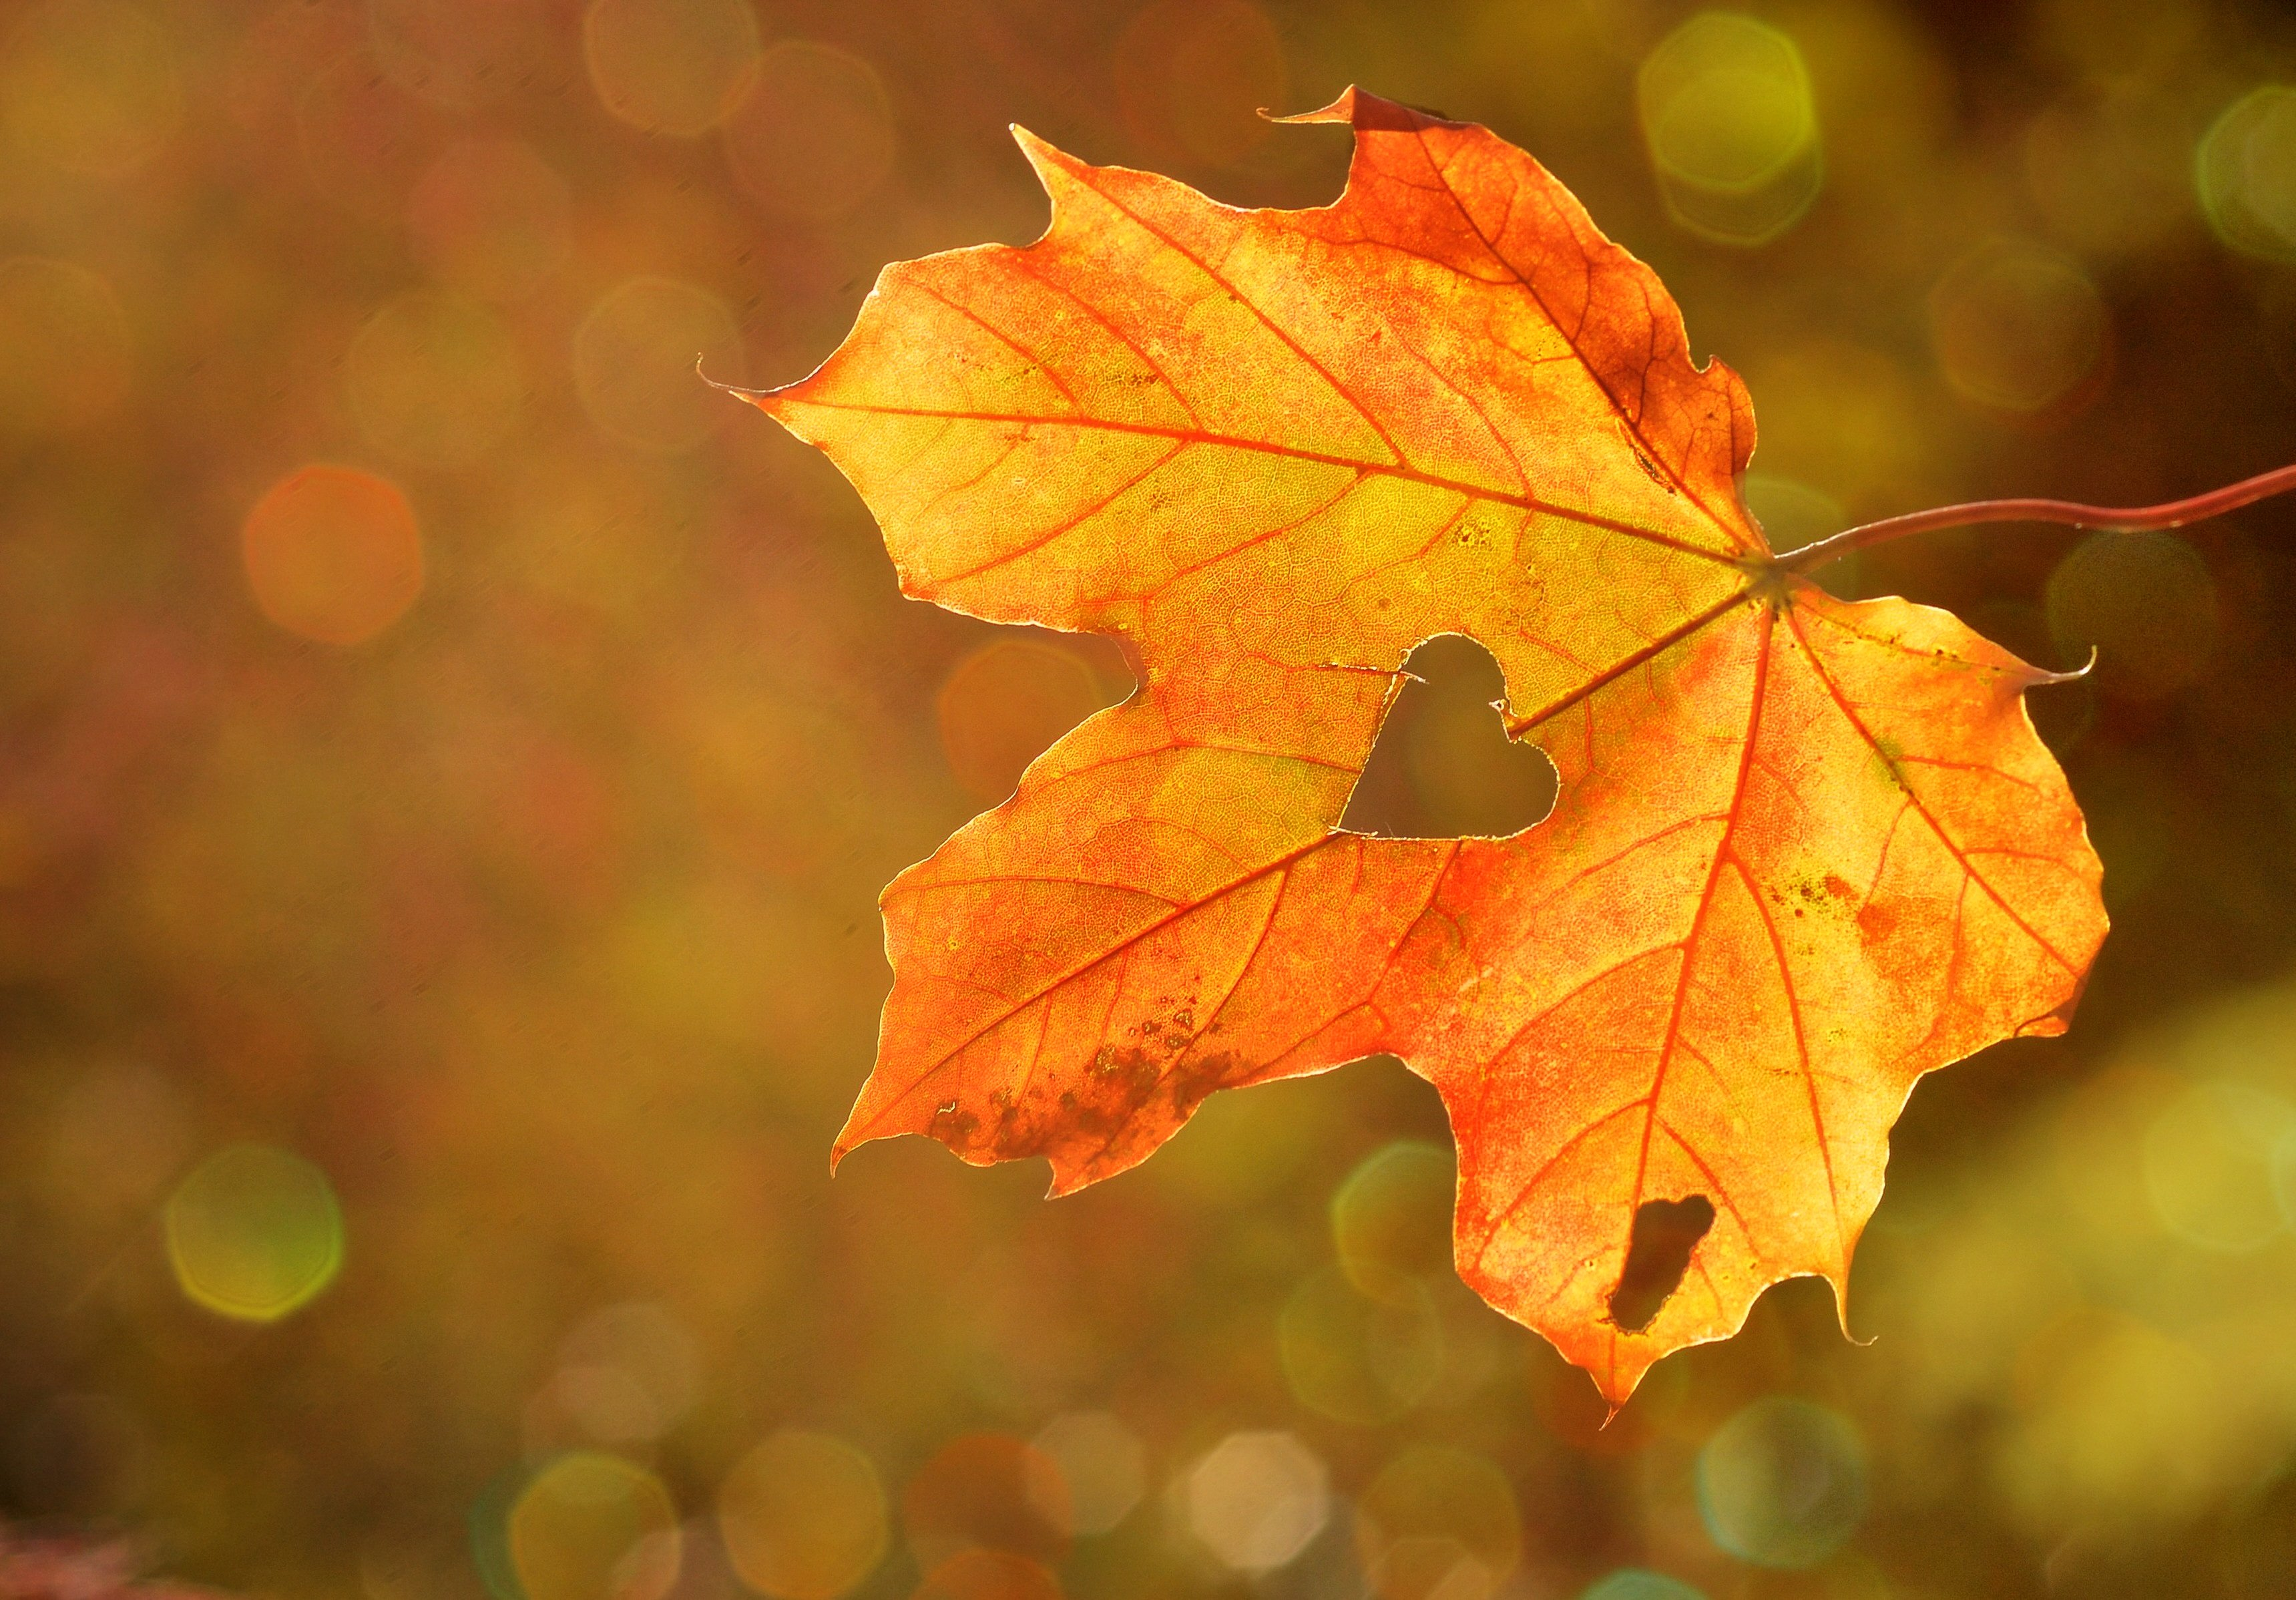 automne-feuille-morte-saison